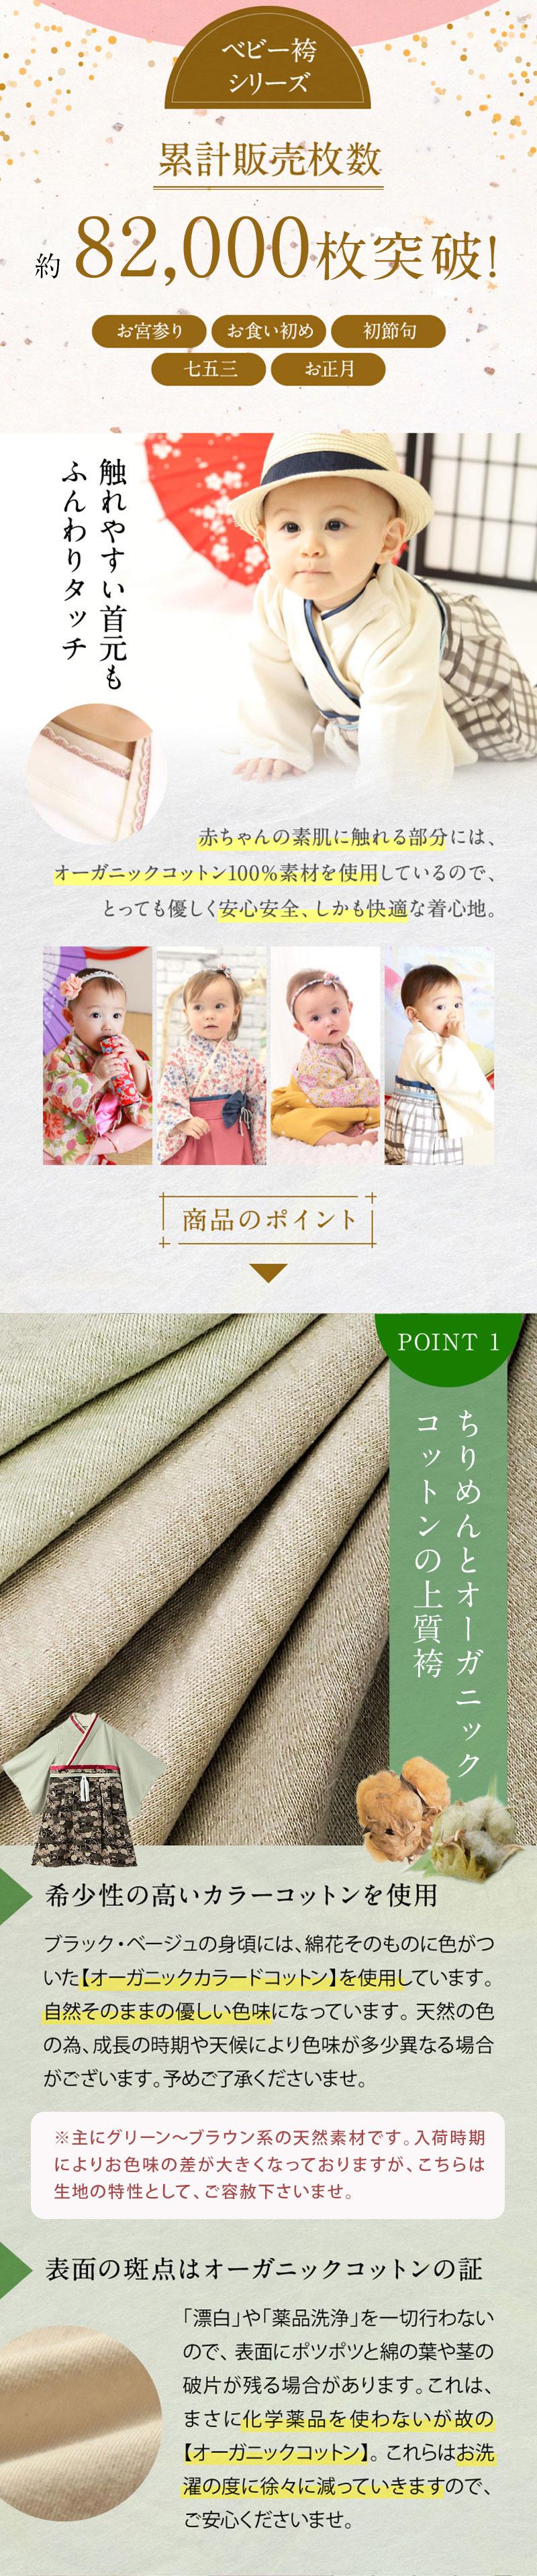 袴 ロンパース 男の子 女の子 お正月 初詣 お食い初め お宮参り 初節句 ひな祭り ひなまつり 百日祝い 結婚式